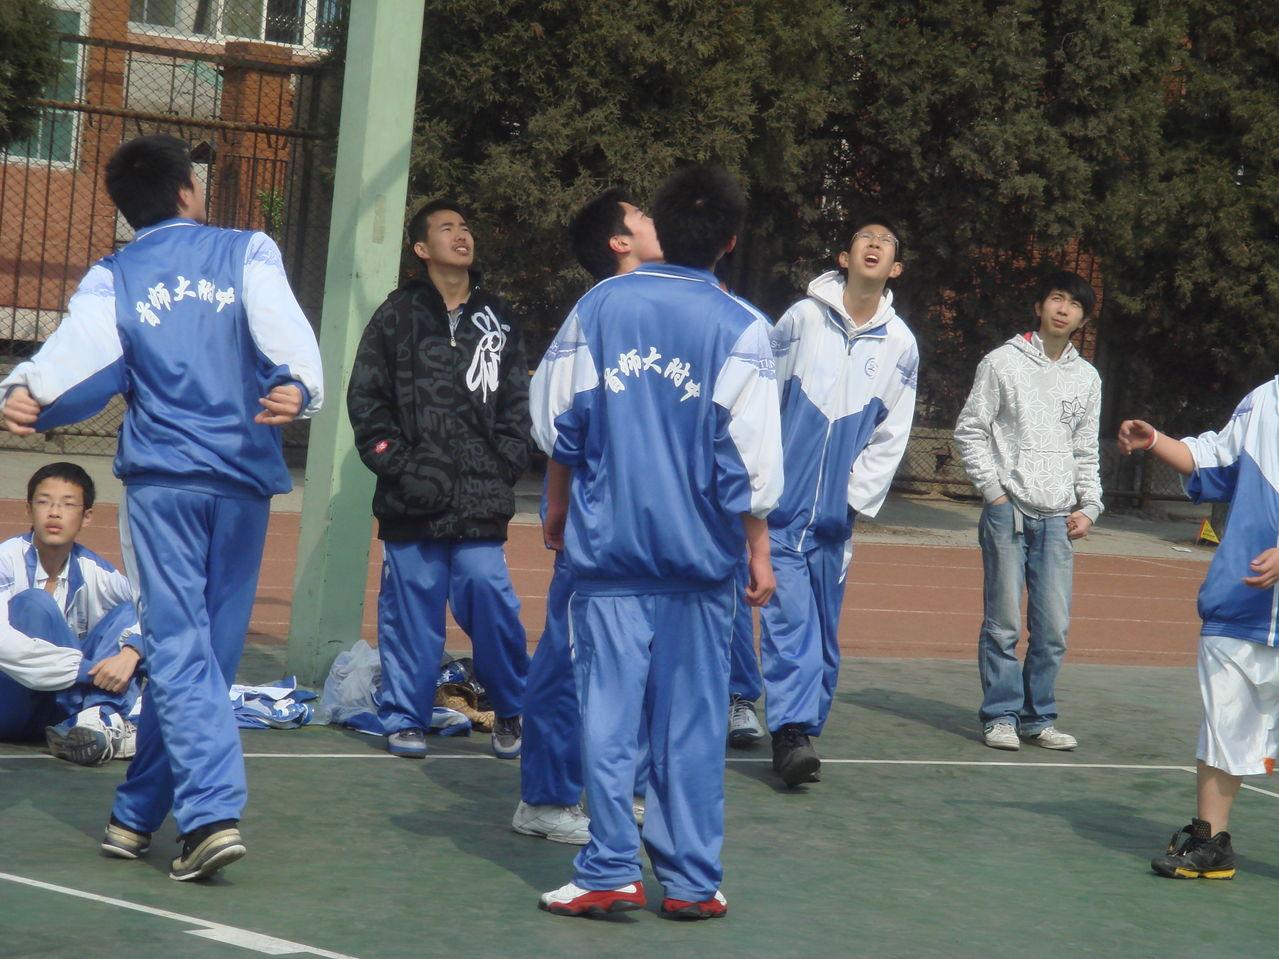 广州市南海中学校服 : 中学1年 数学 : 中学